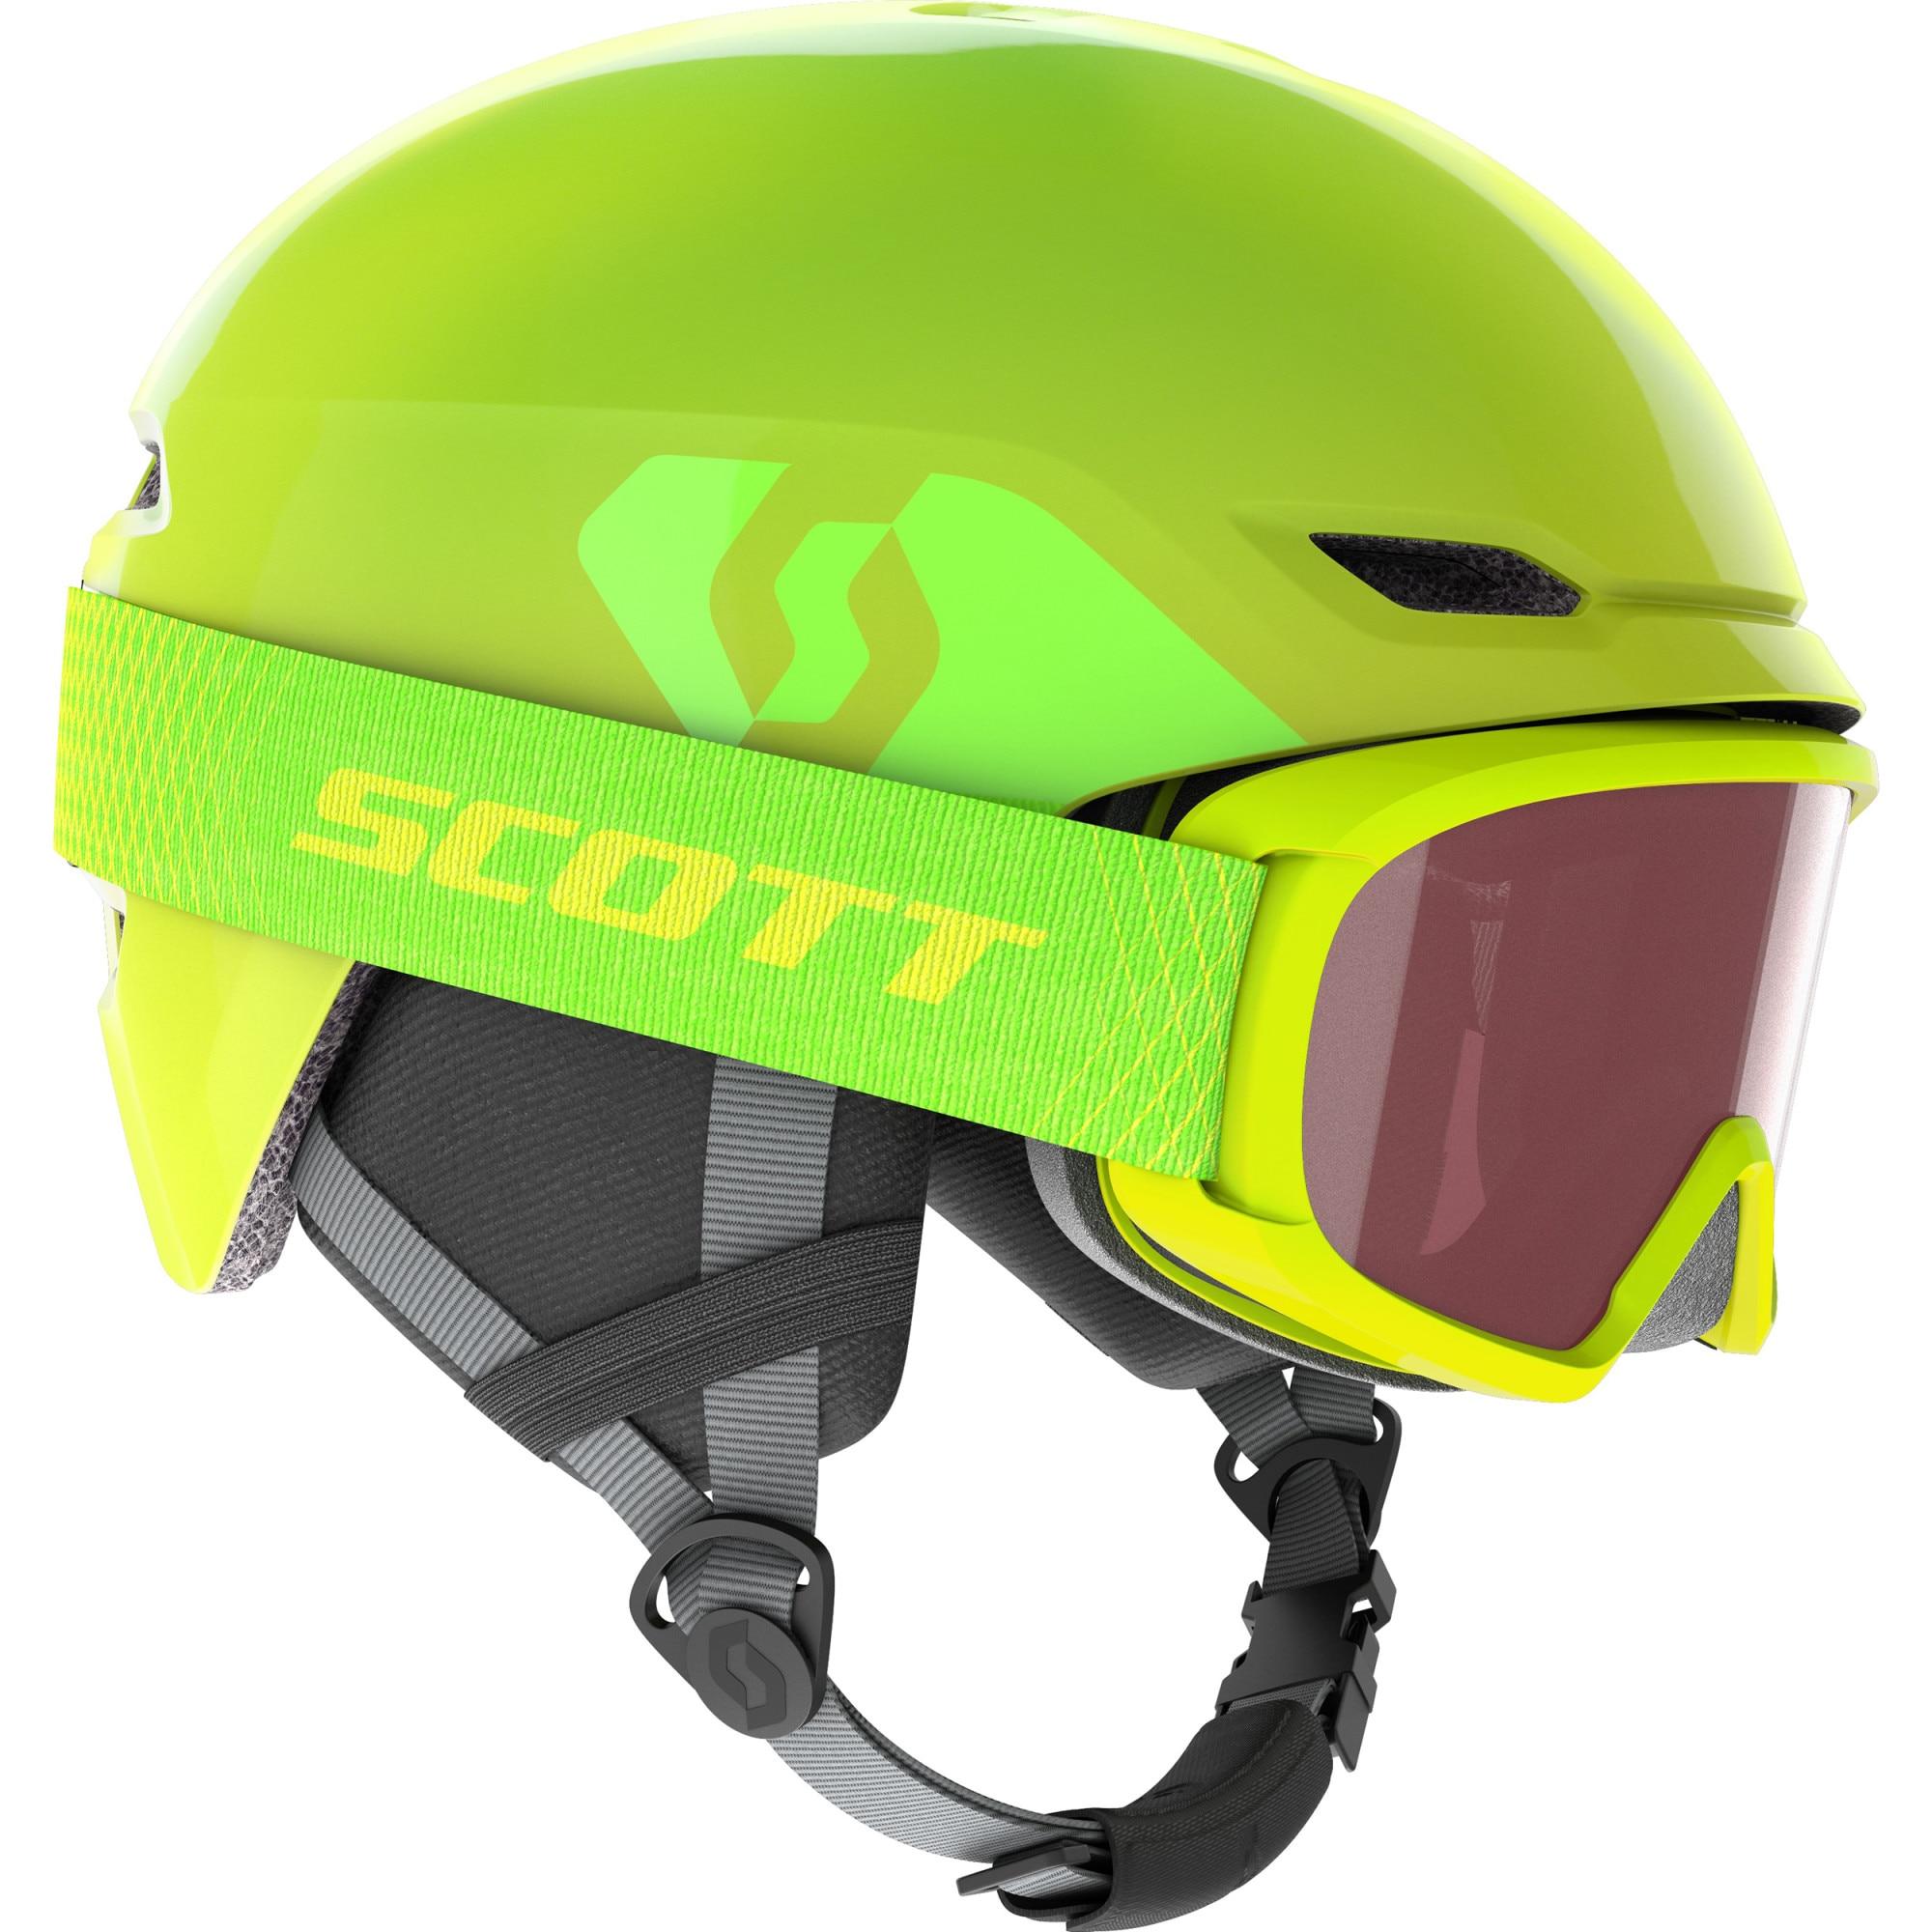 Fotografie Set schi Scott casca Keeper 2 + ochelari Witty, Copii, Verde, S